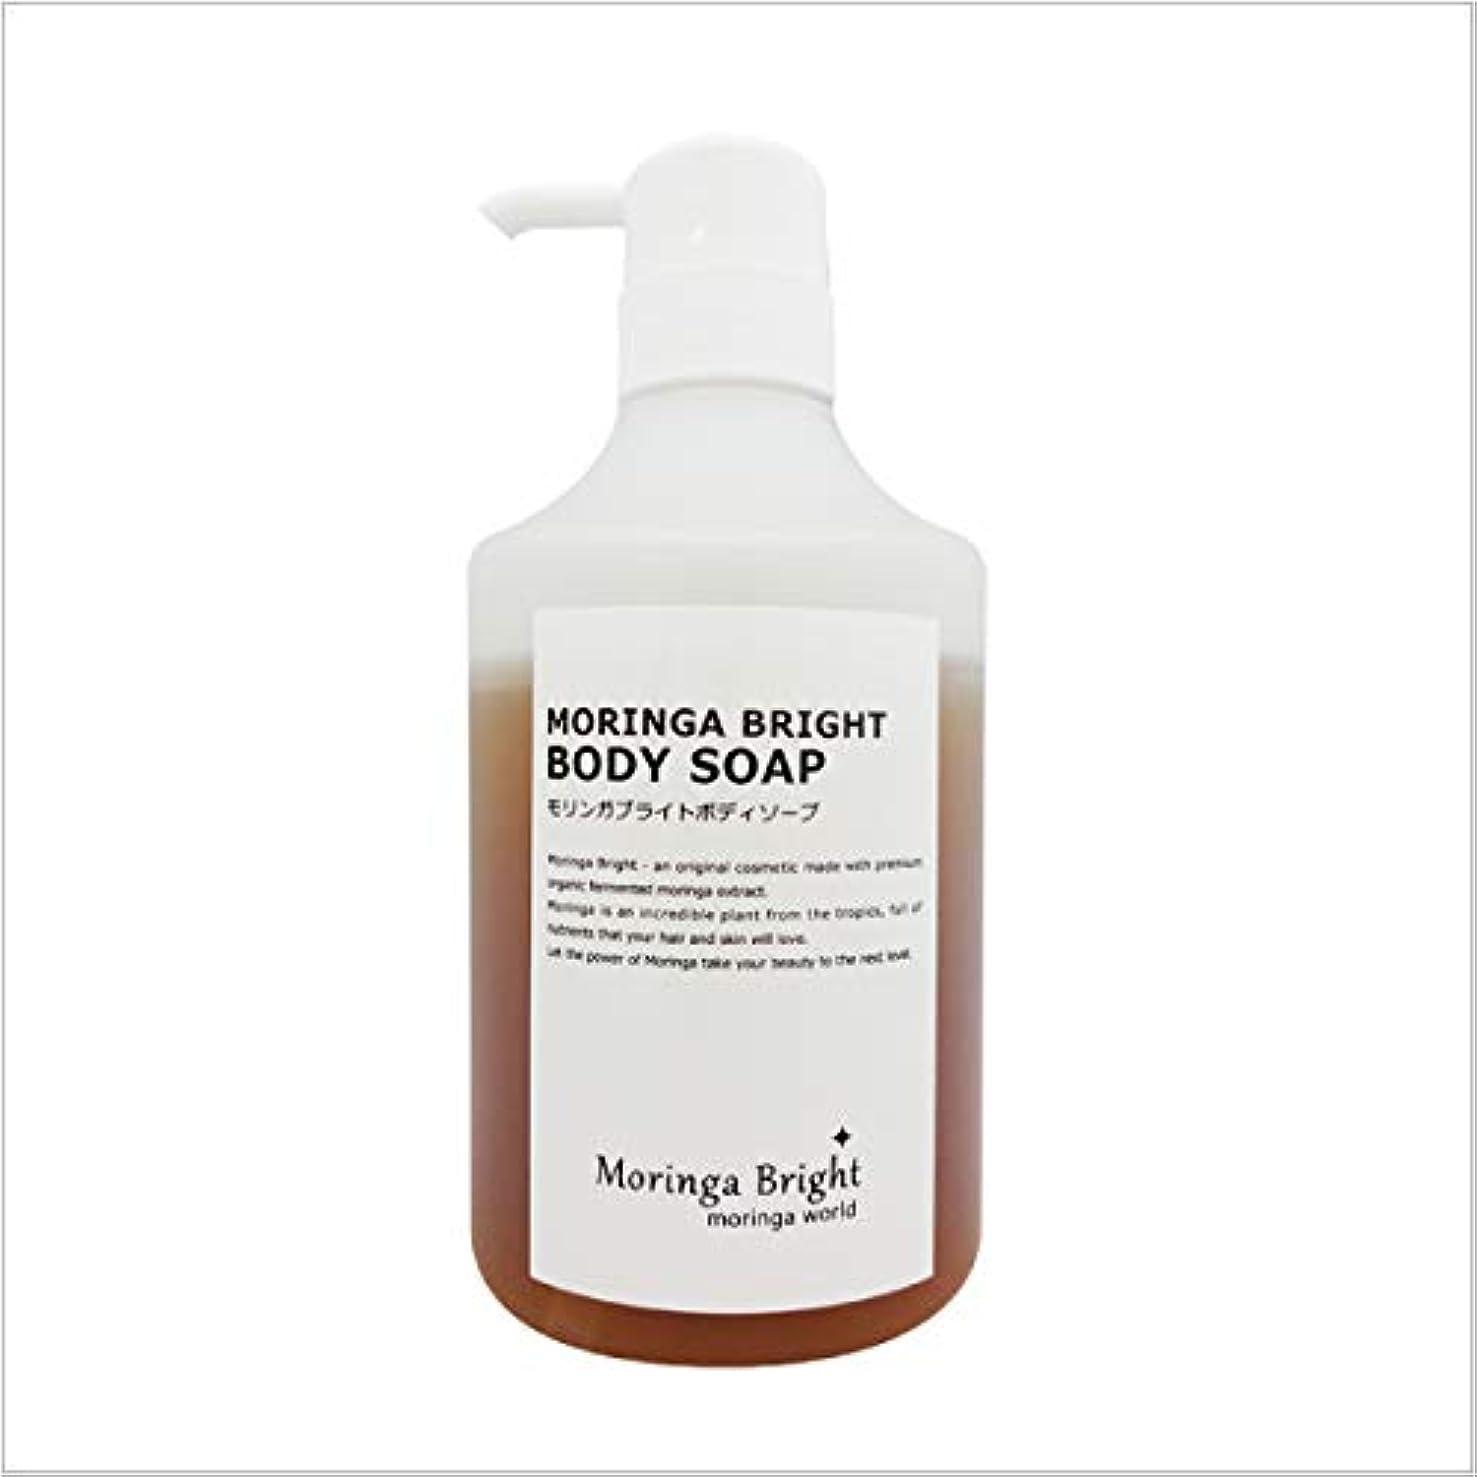 詳細に環境変換するモリンガブライトボディソープ450ml 最上級の無添加ボディ&洗顔ソープ 国内初の保湿美容成分『発酵モリンガエキス』配合